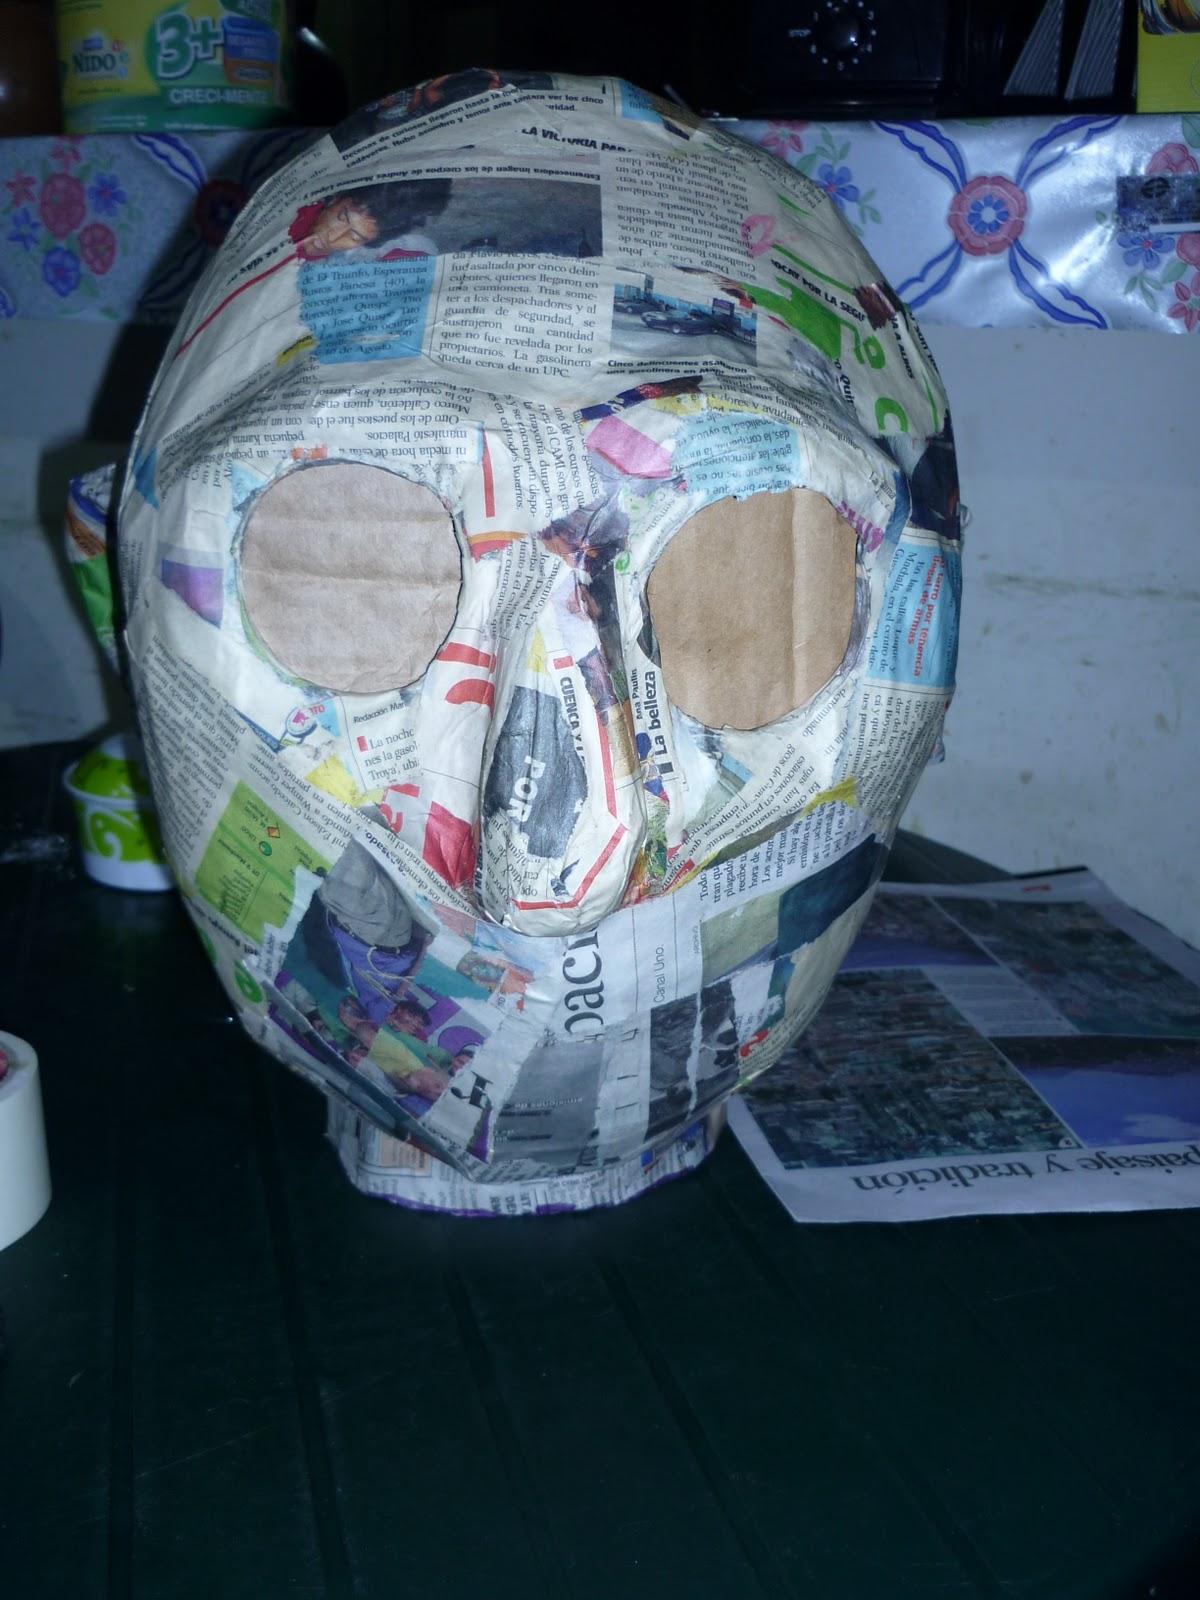 masterpaper y sus creaciones: tutorial de construccion de jason de